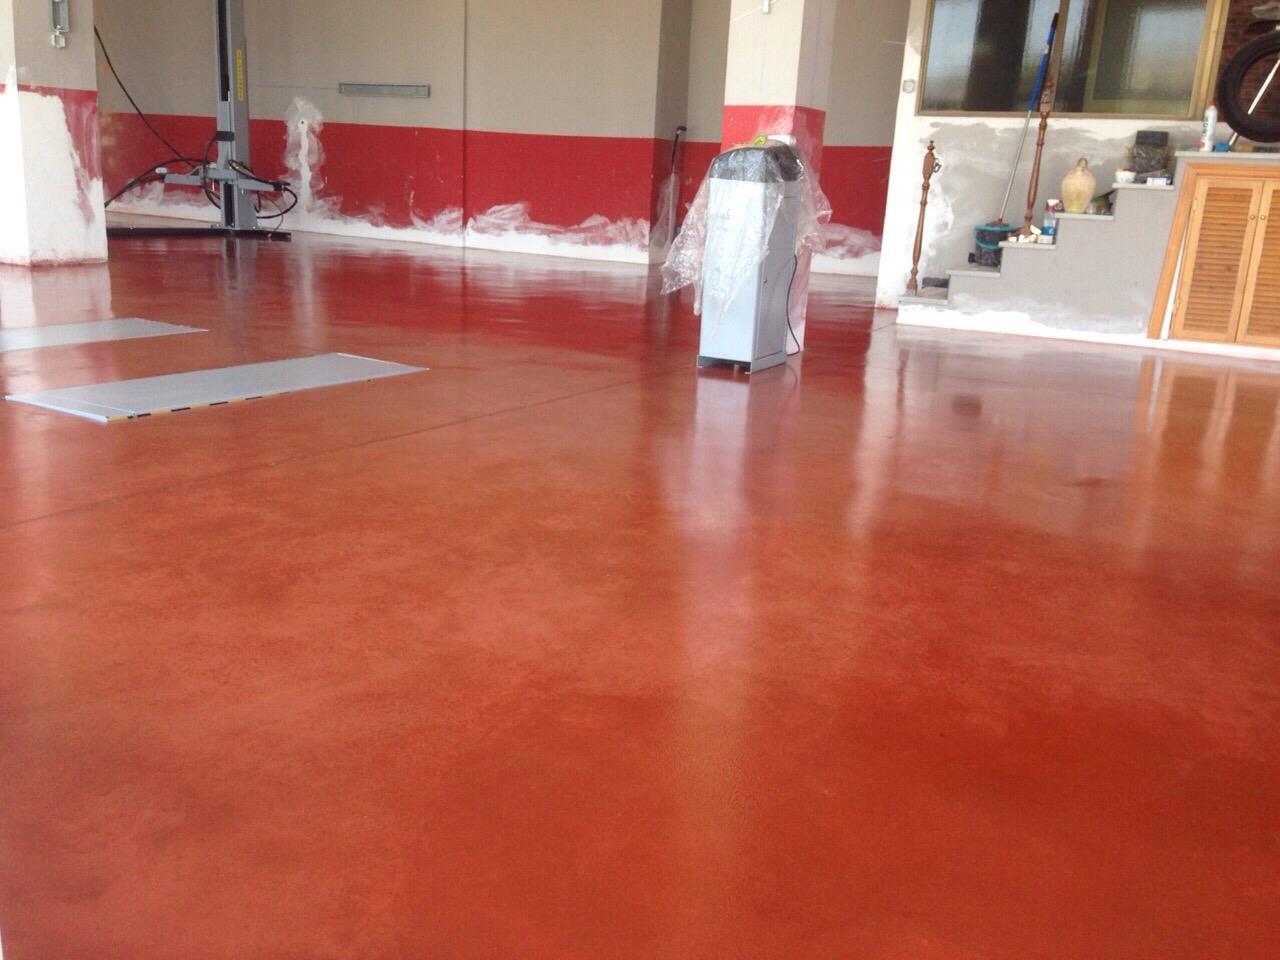 Pavimentos de hormigon fratasado pavimentos de hormigon for Hormigon pulido para interiores